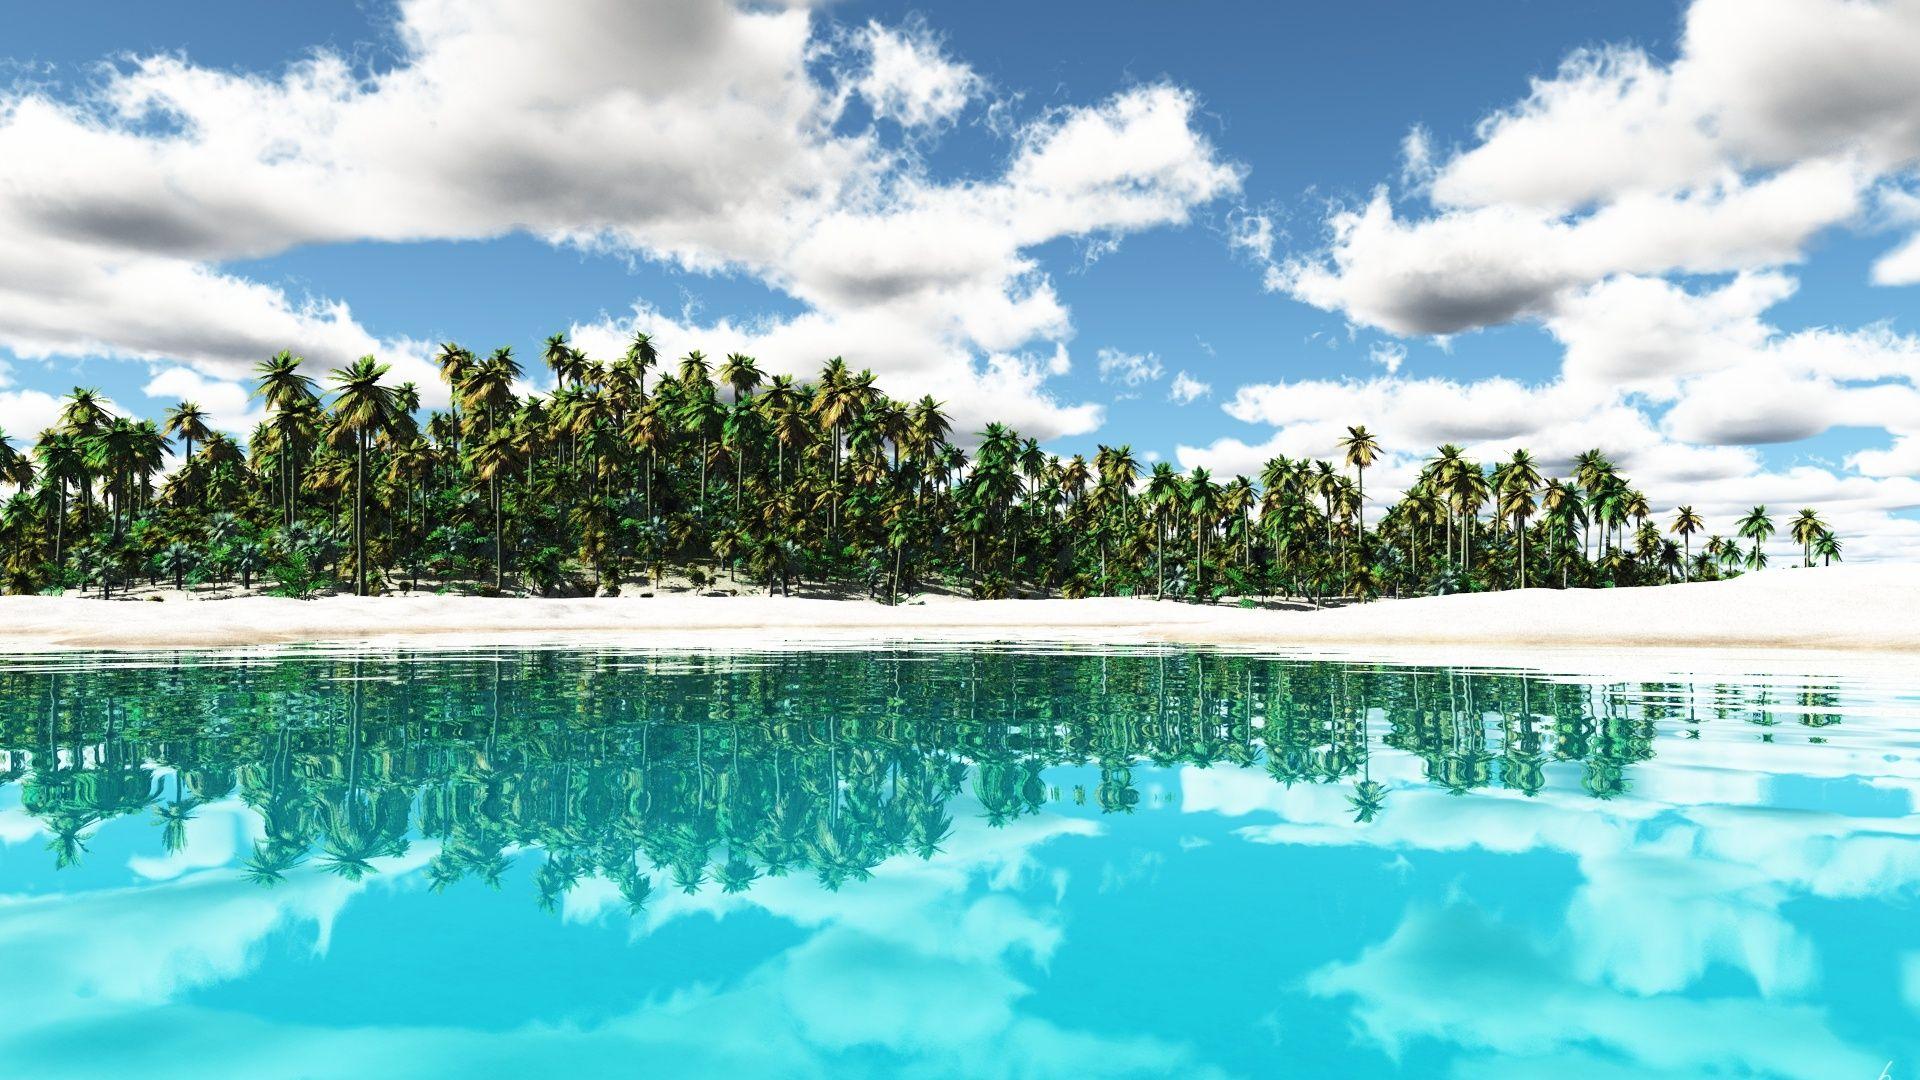 Tropical beach resort hd desktop wallpaper high definition hd tropical beach resort hd desktop wallpaper high definition voltagebd Choice Image